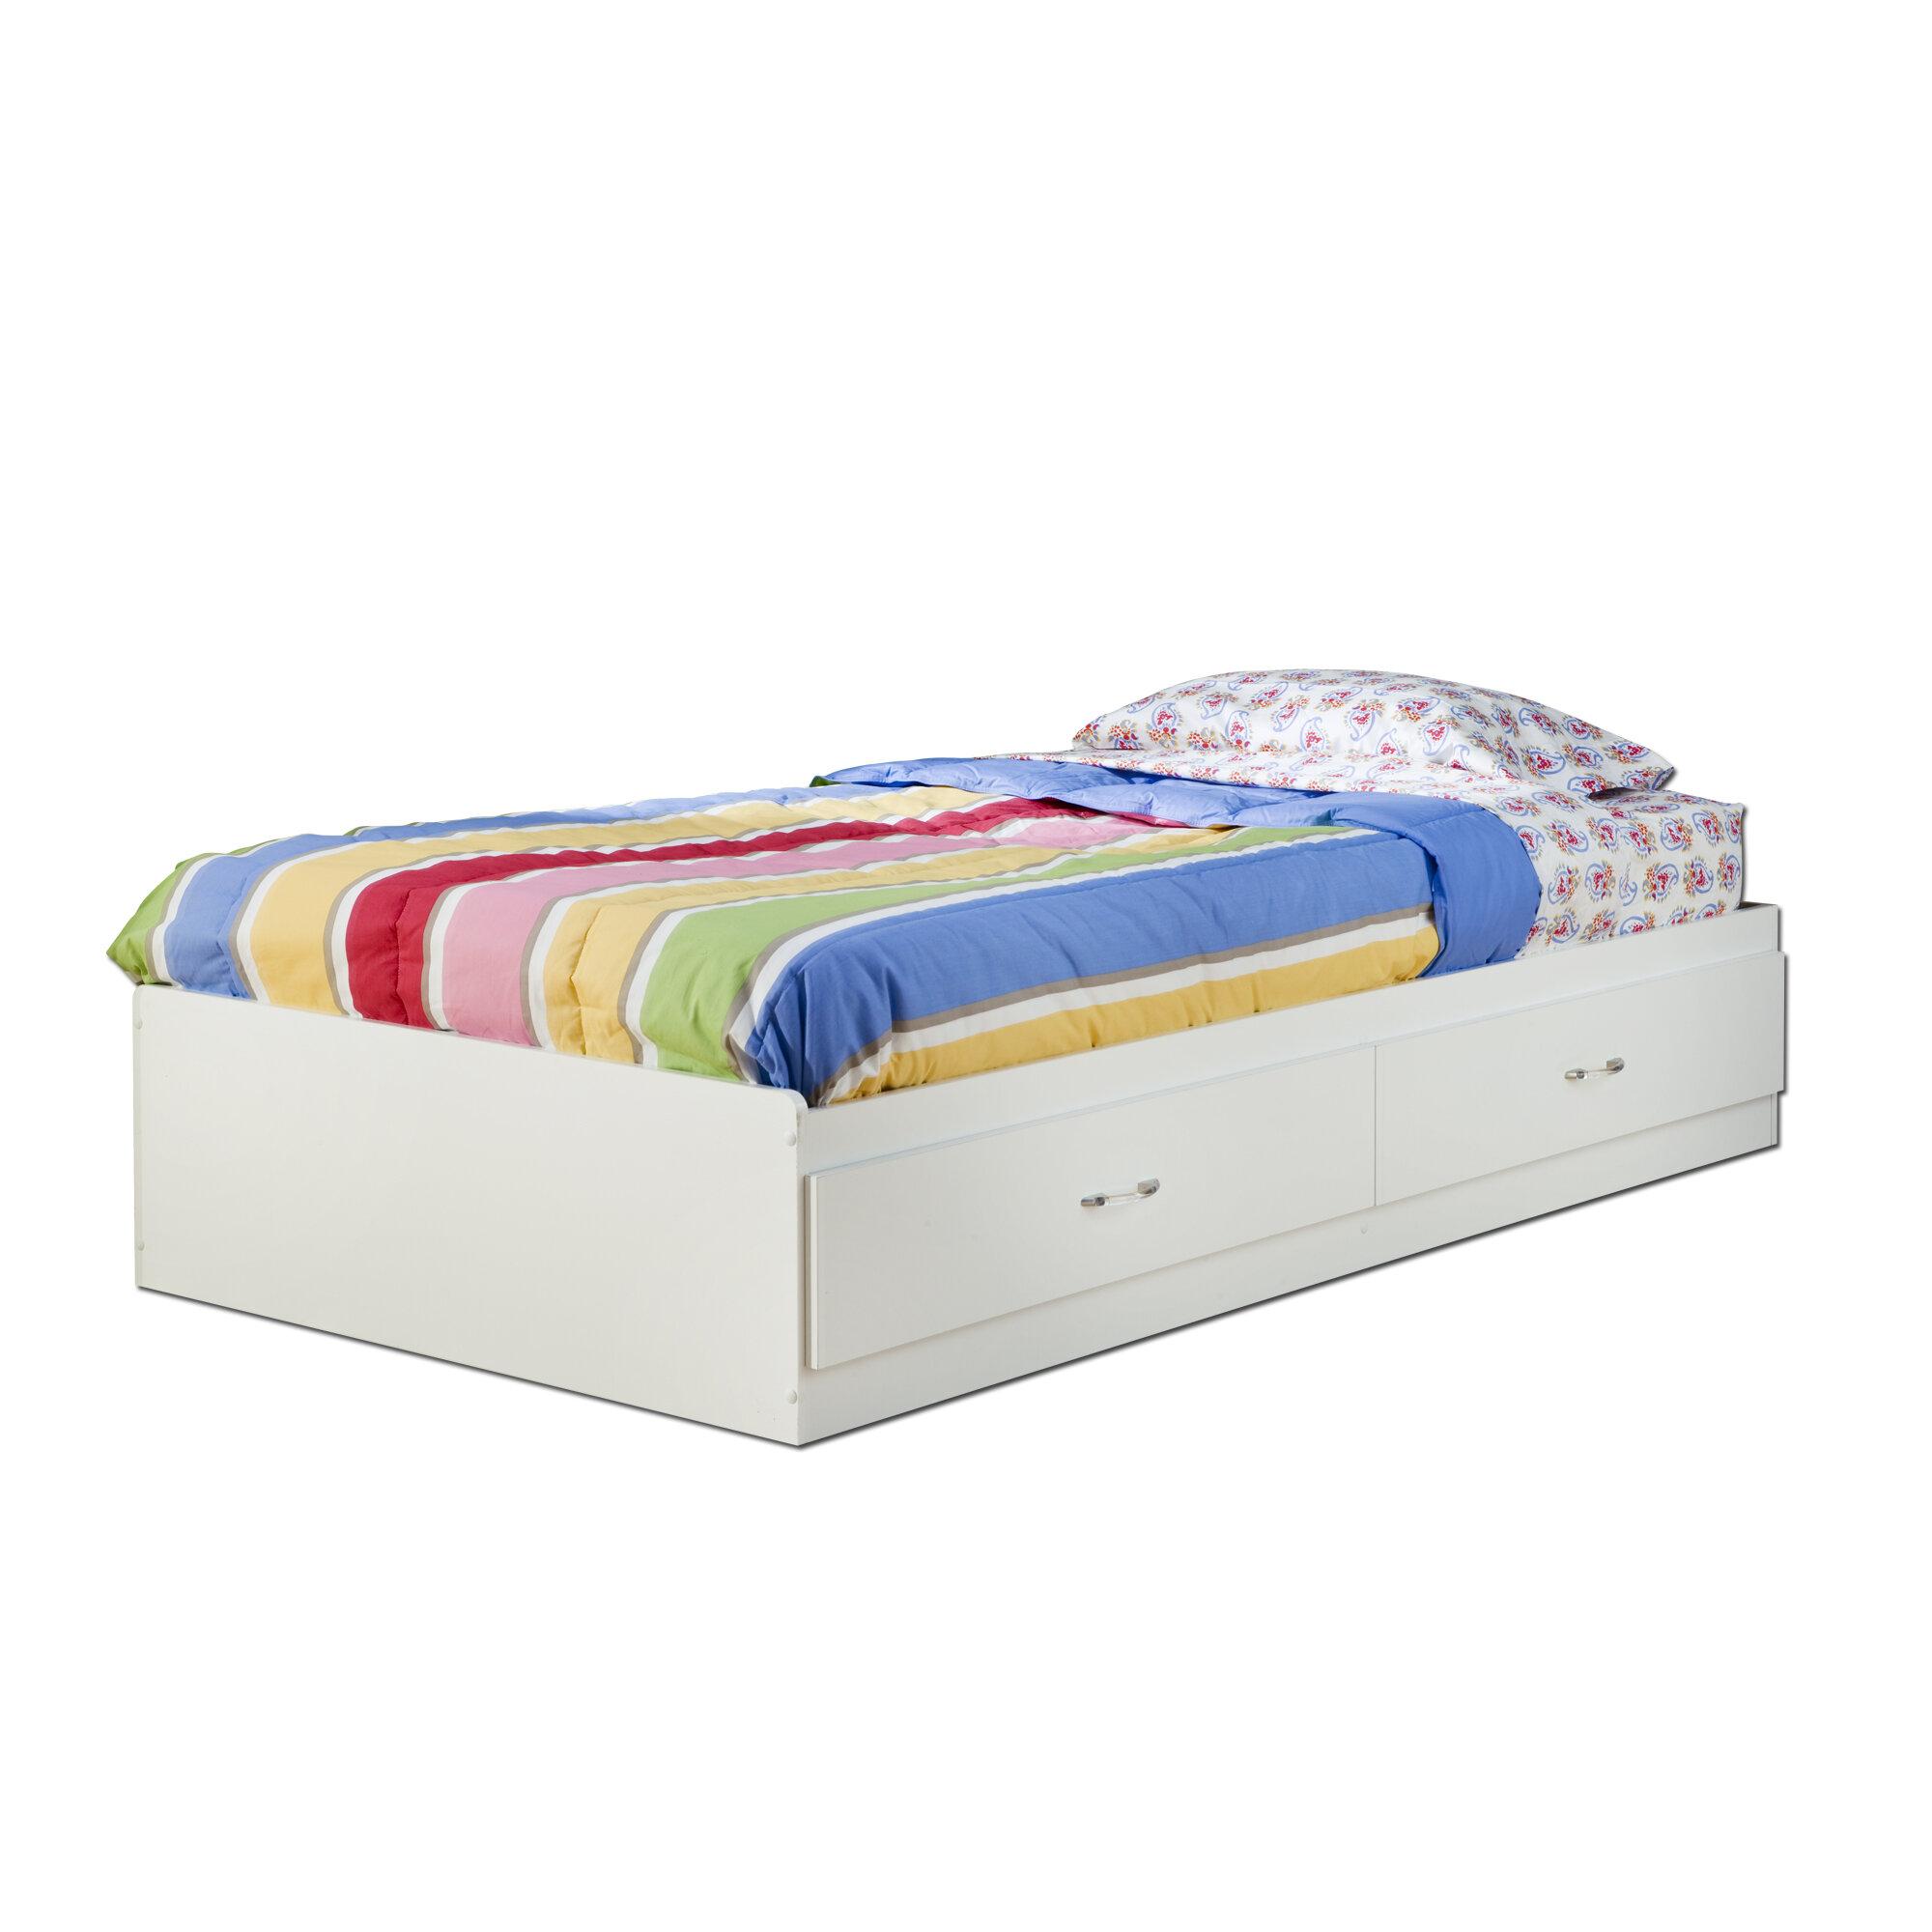 blue and ikidz memory mattresses product mattress cn twin pillow foam